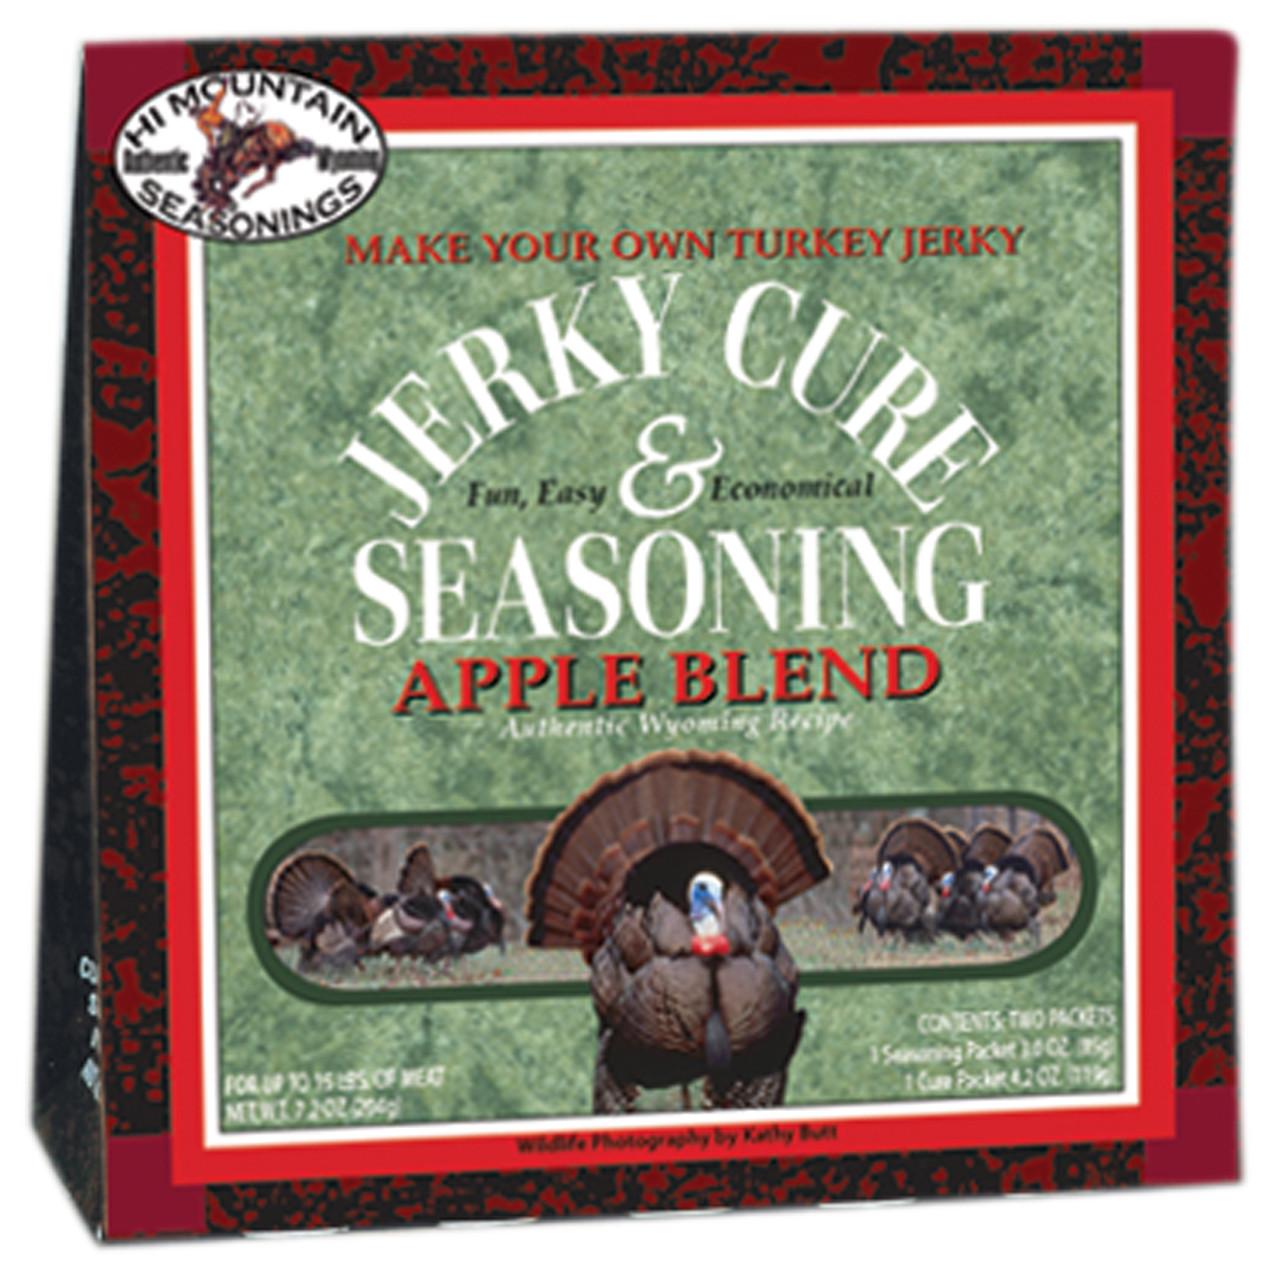 Wild Turkey Apple Blend Jerky Kit